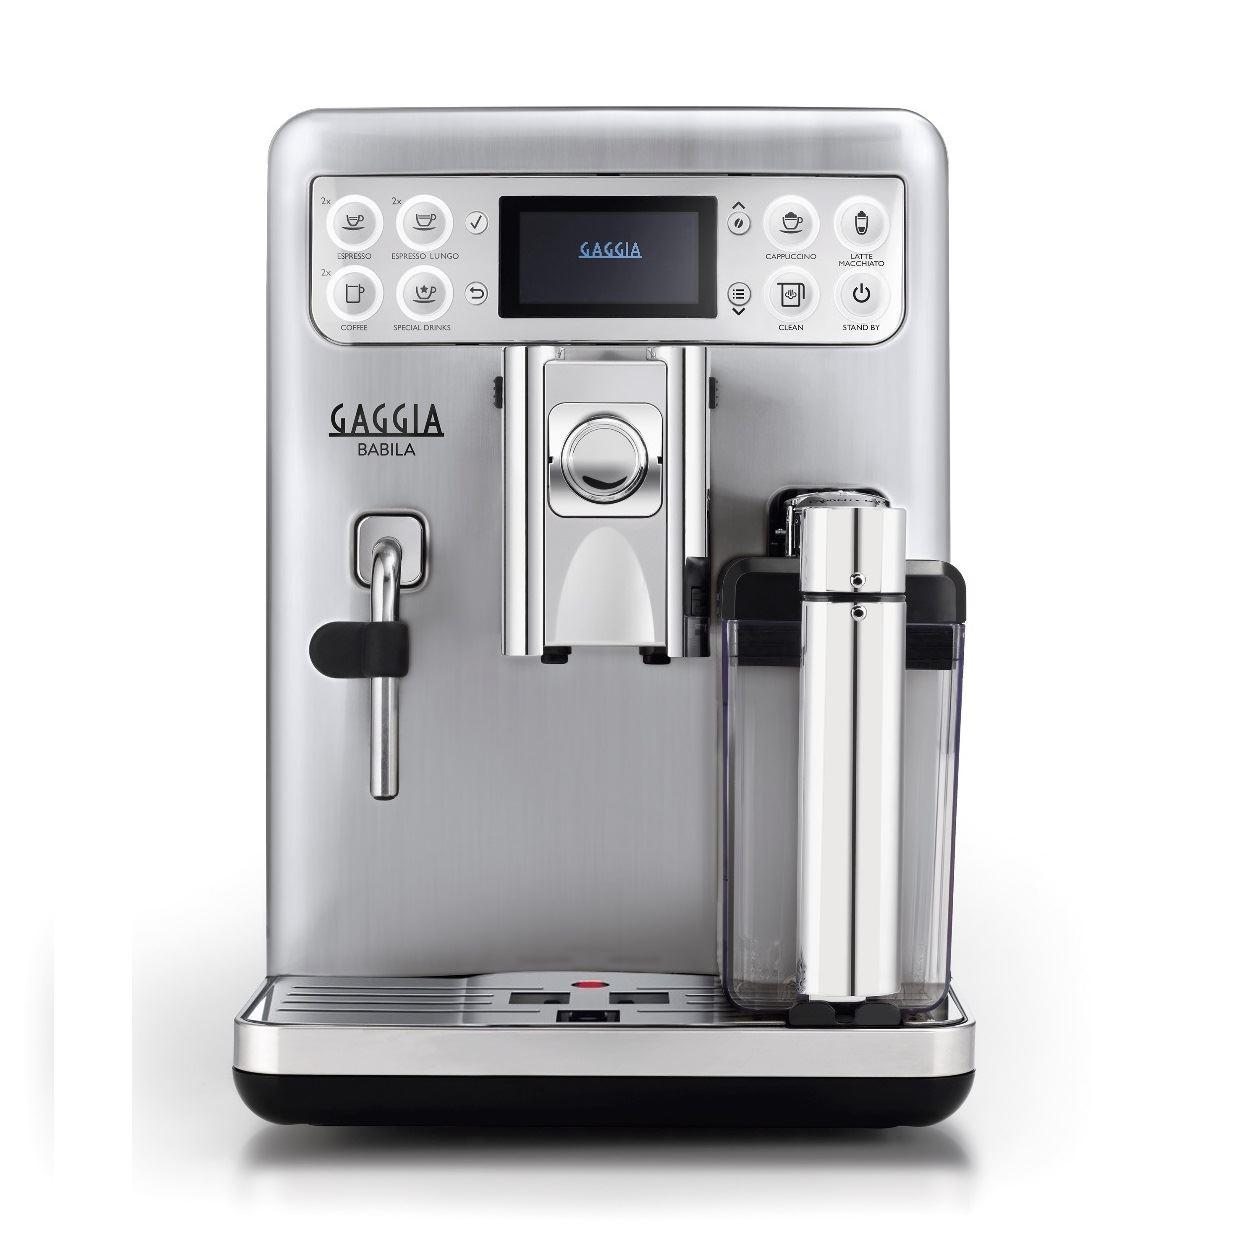 Espressor Gaggia Babila + cadou set 6 cesti espresso scurt